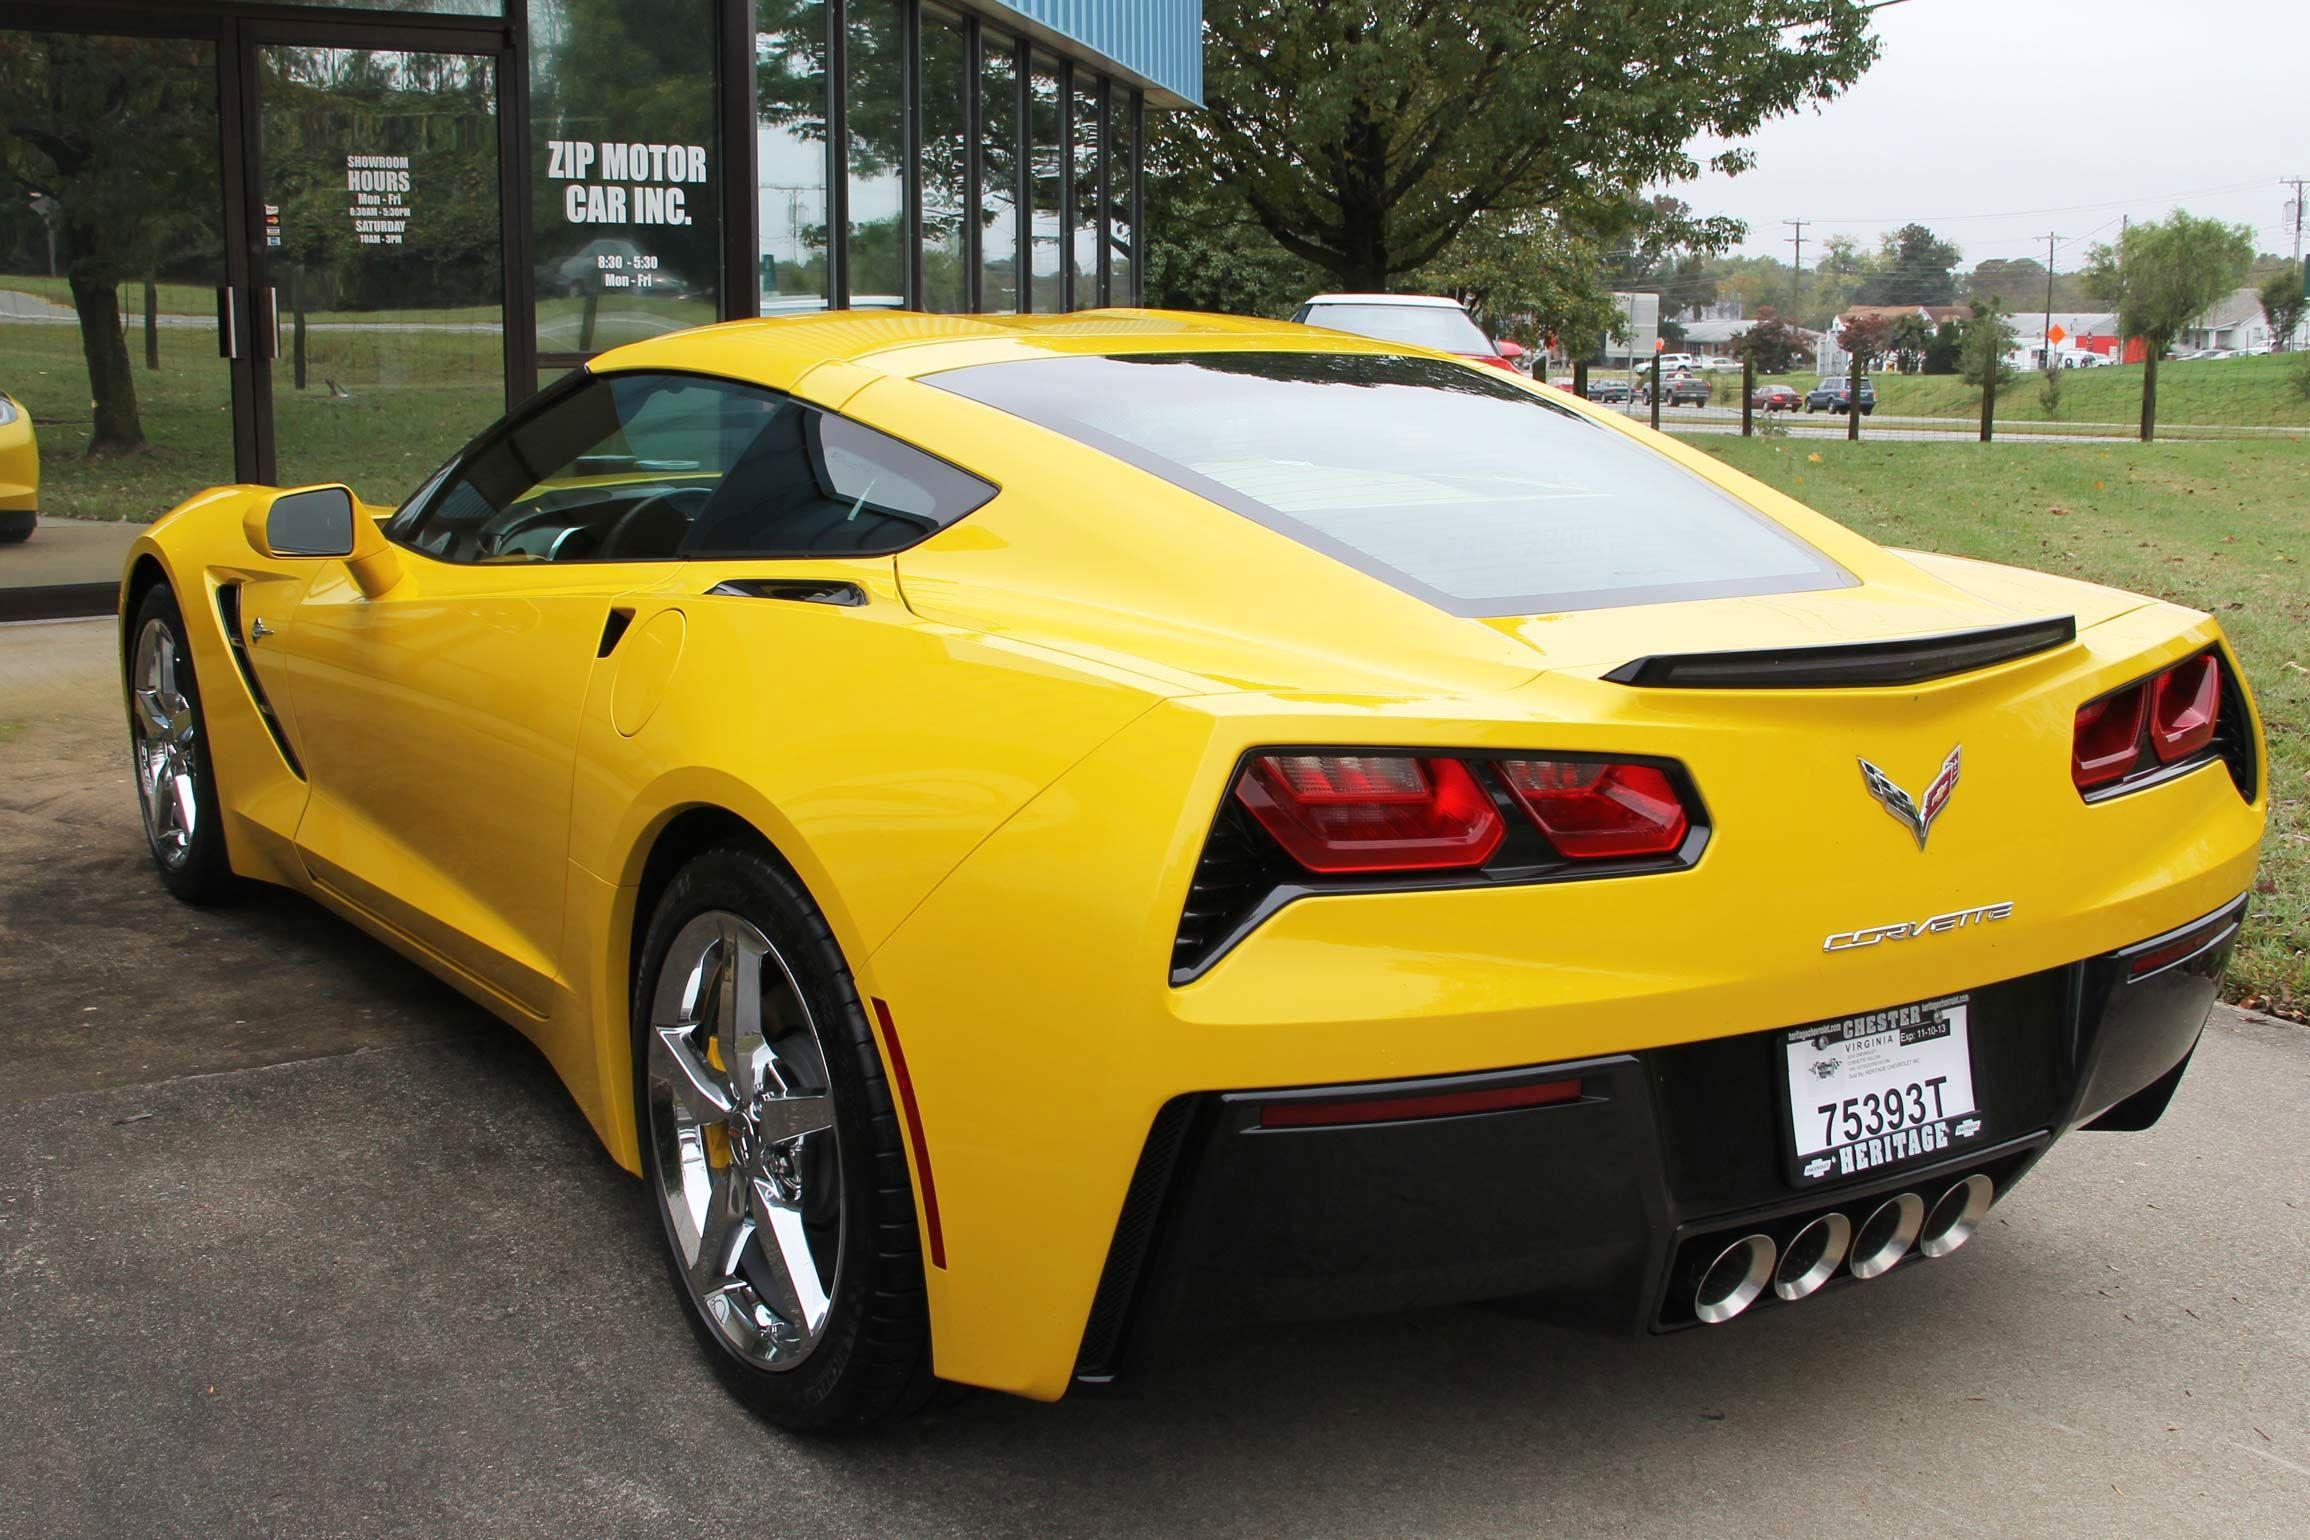 Yellow C7 Corvette Corvette Chevrolet Corvette Hot Cars